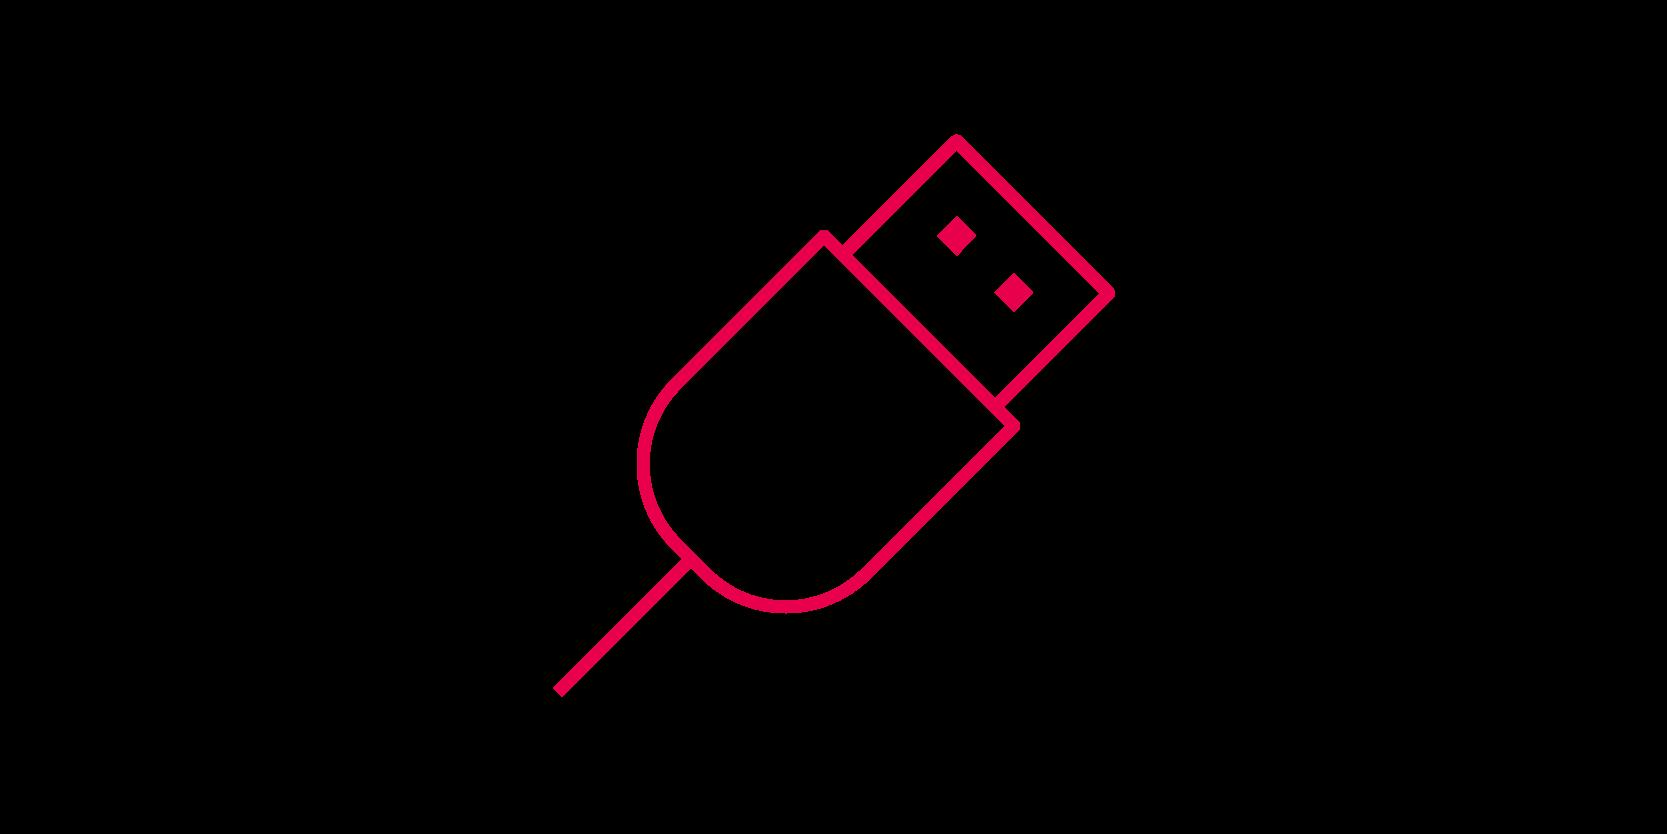 Exploitation from the device's USB socket